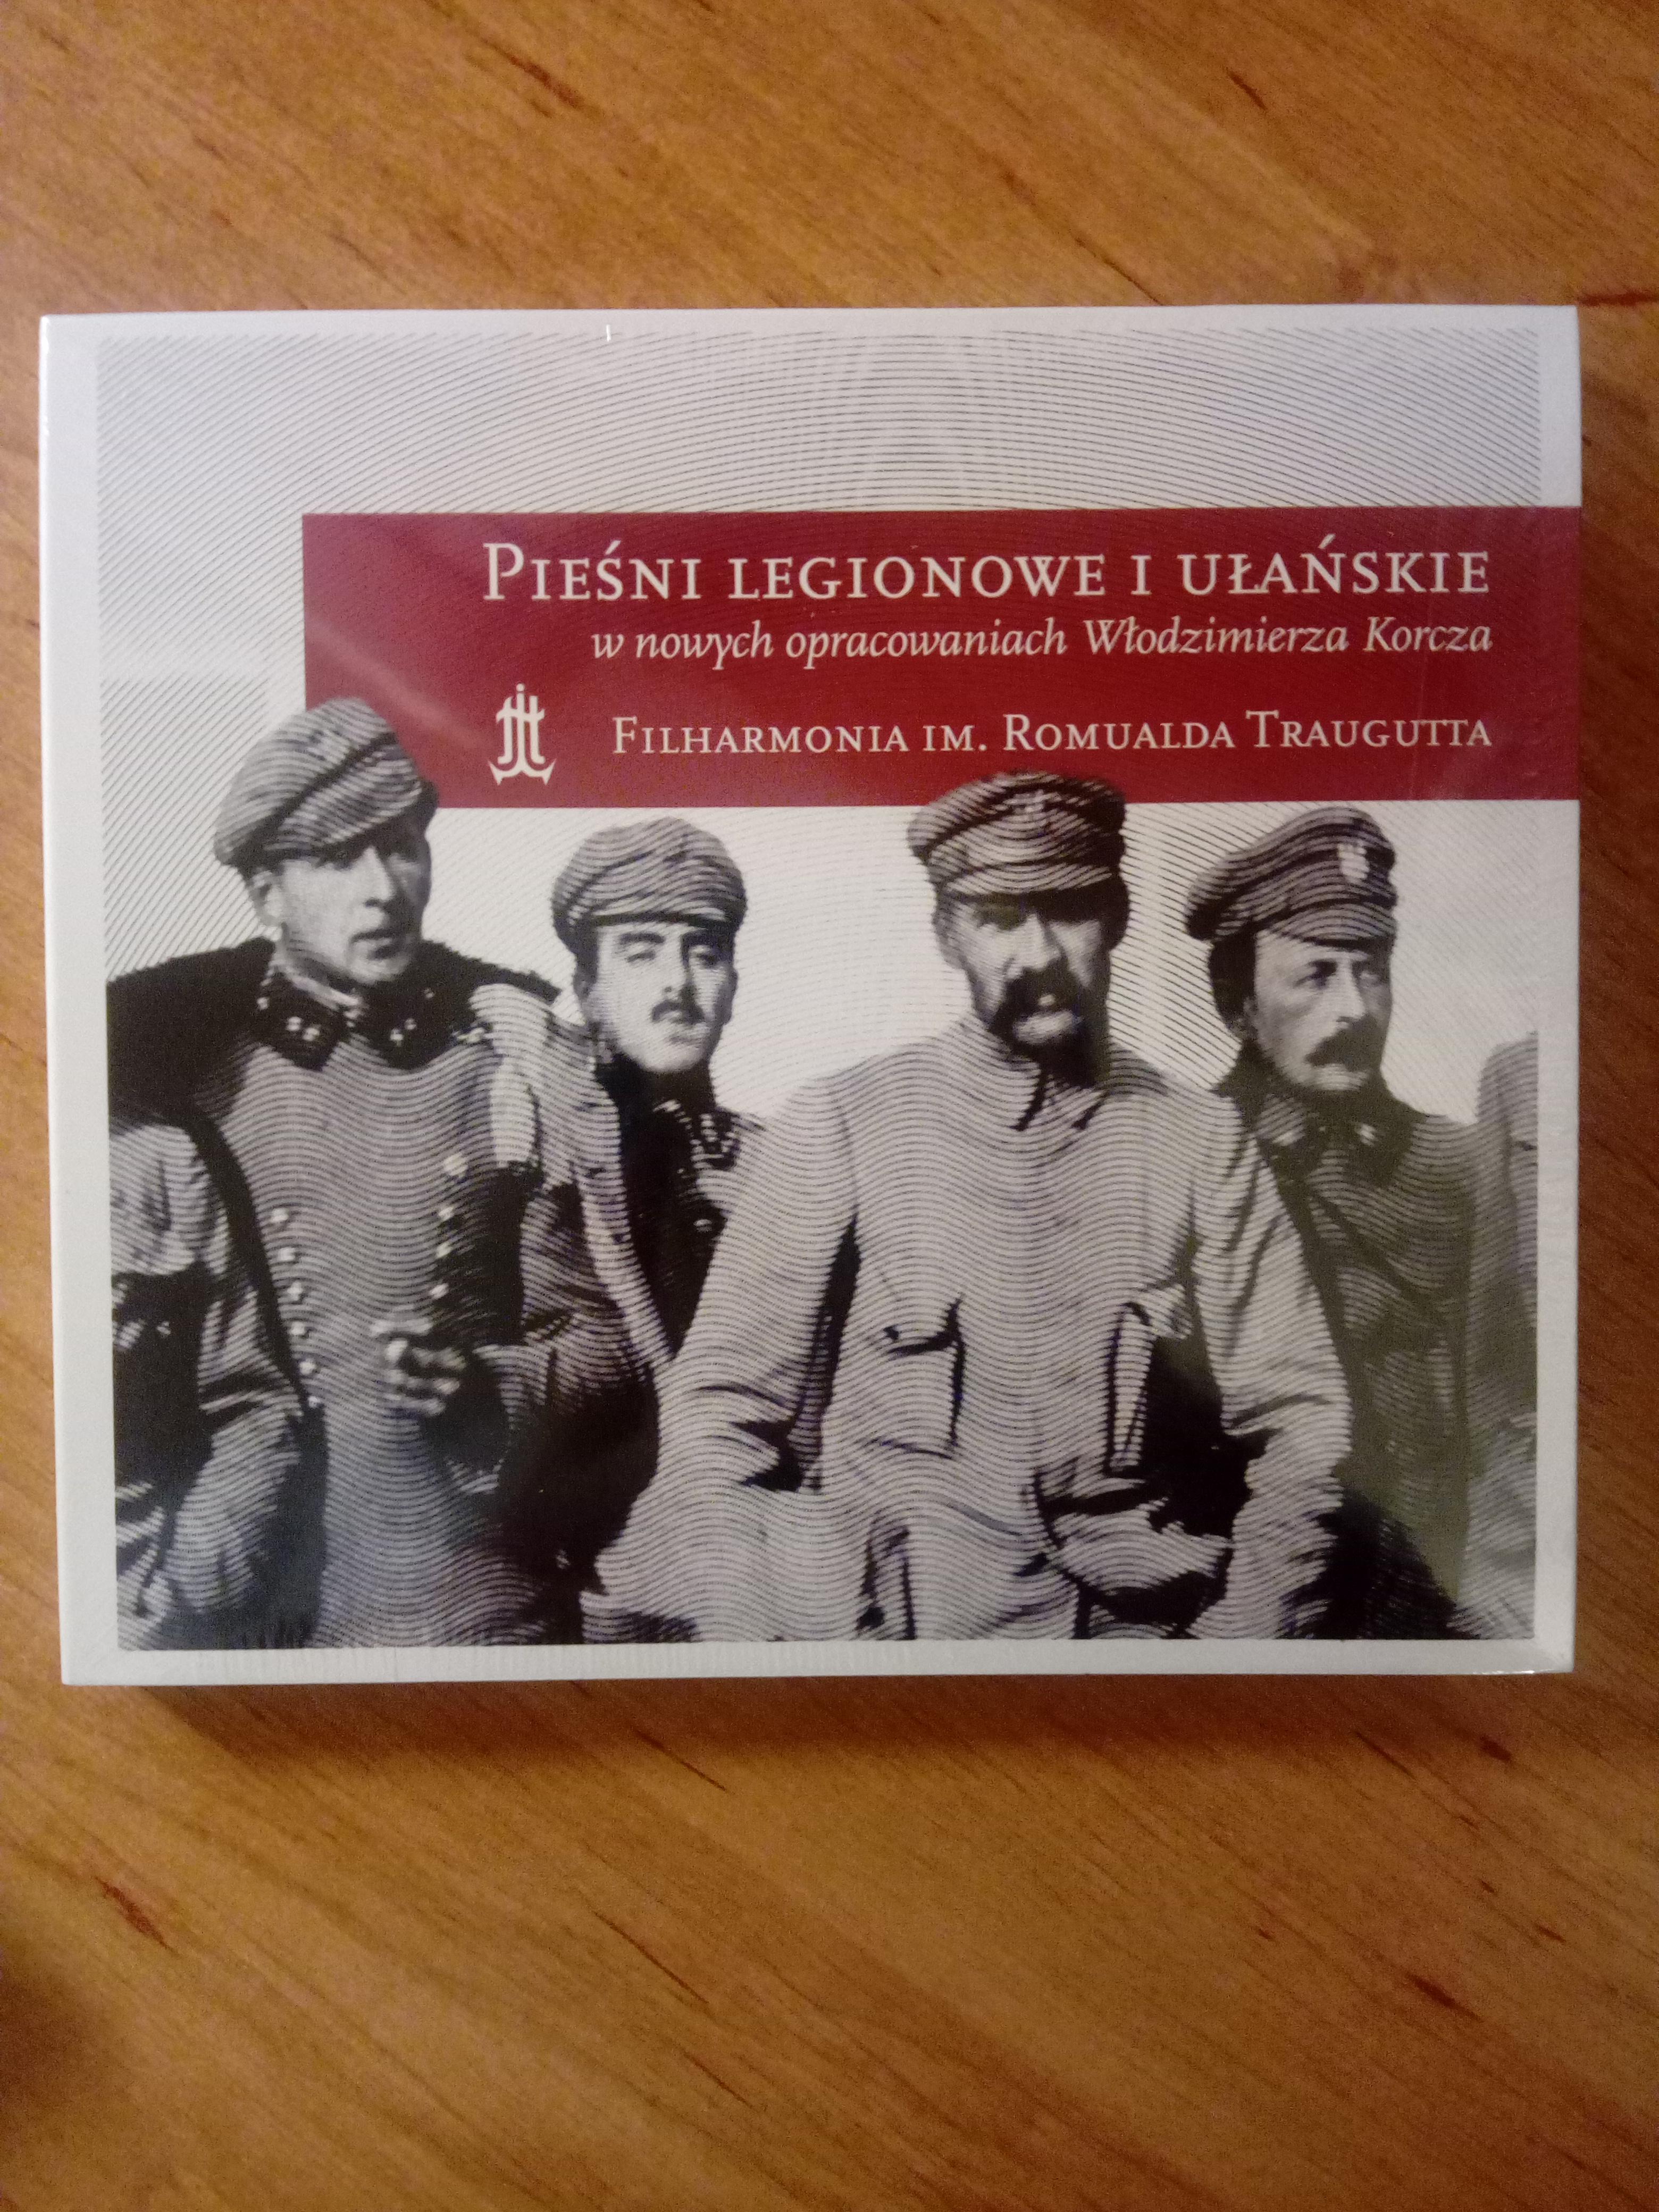 Pieśni legionowe i ułańskie CD (opr.W.Korcz)